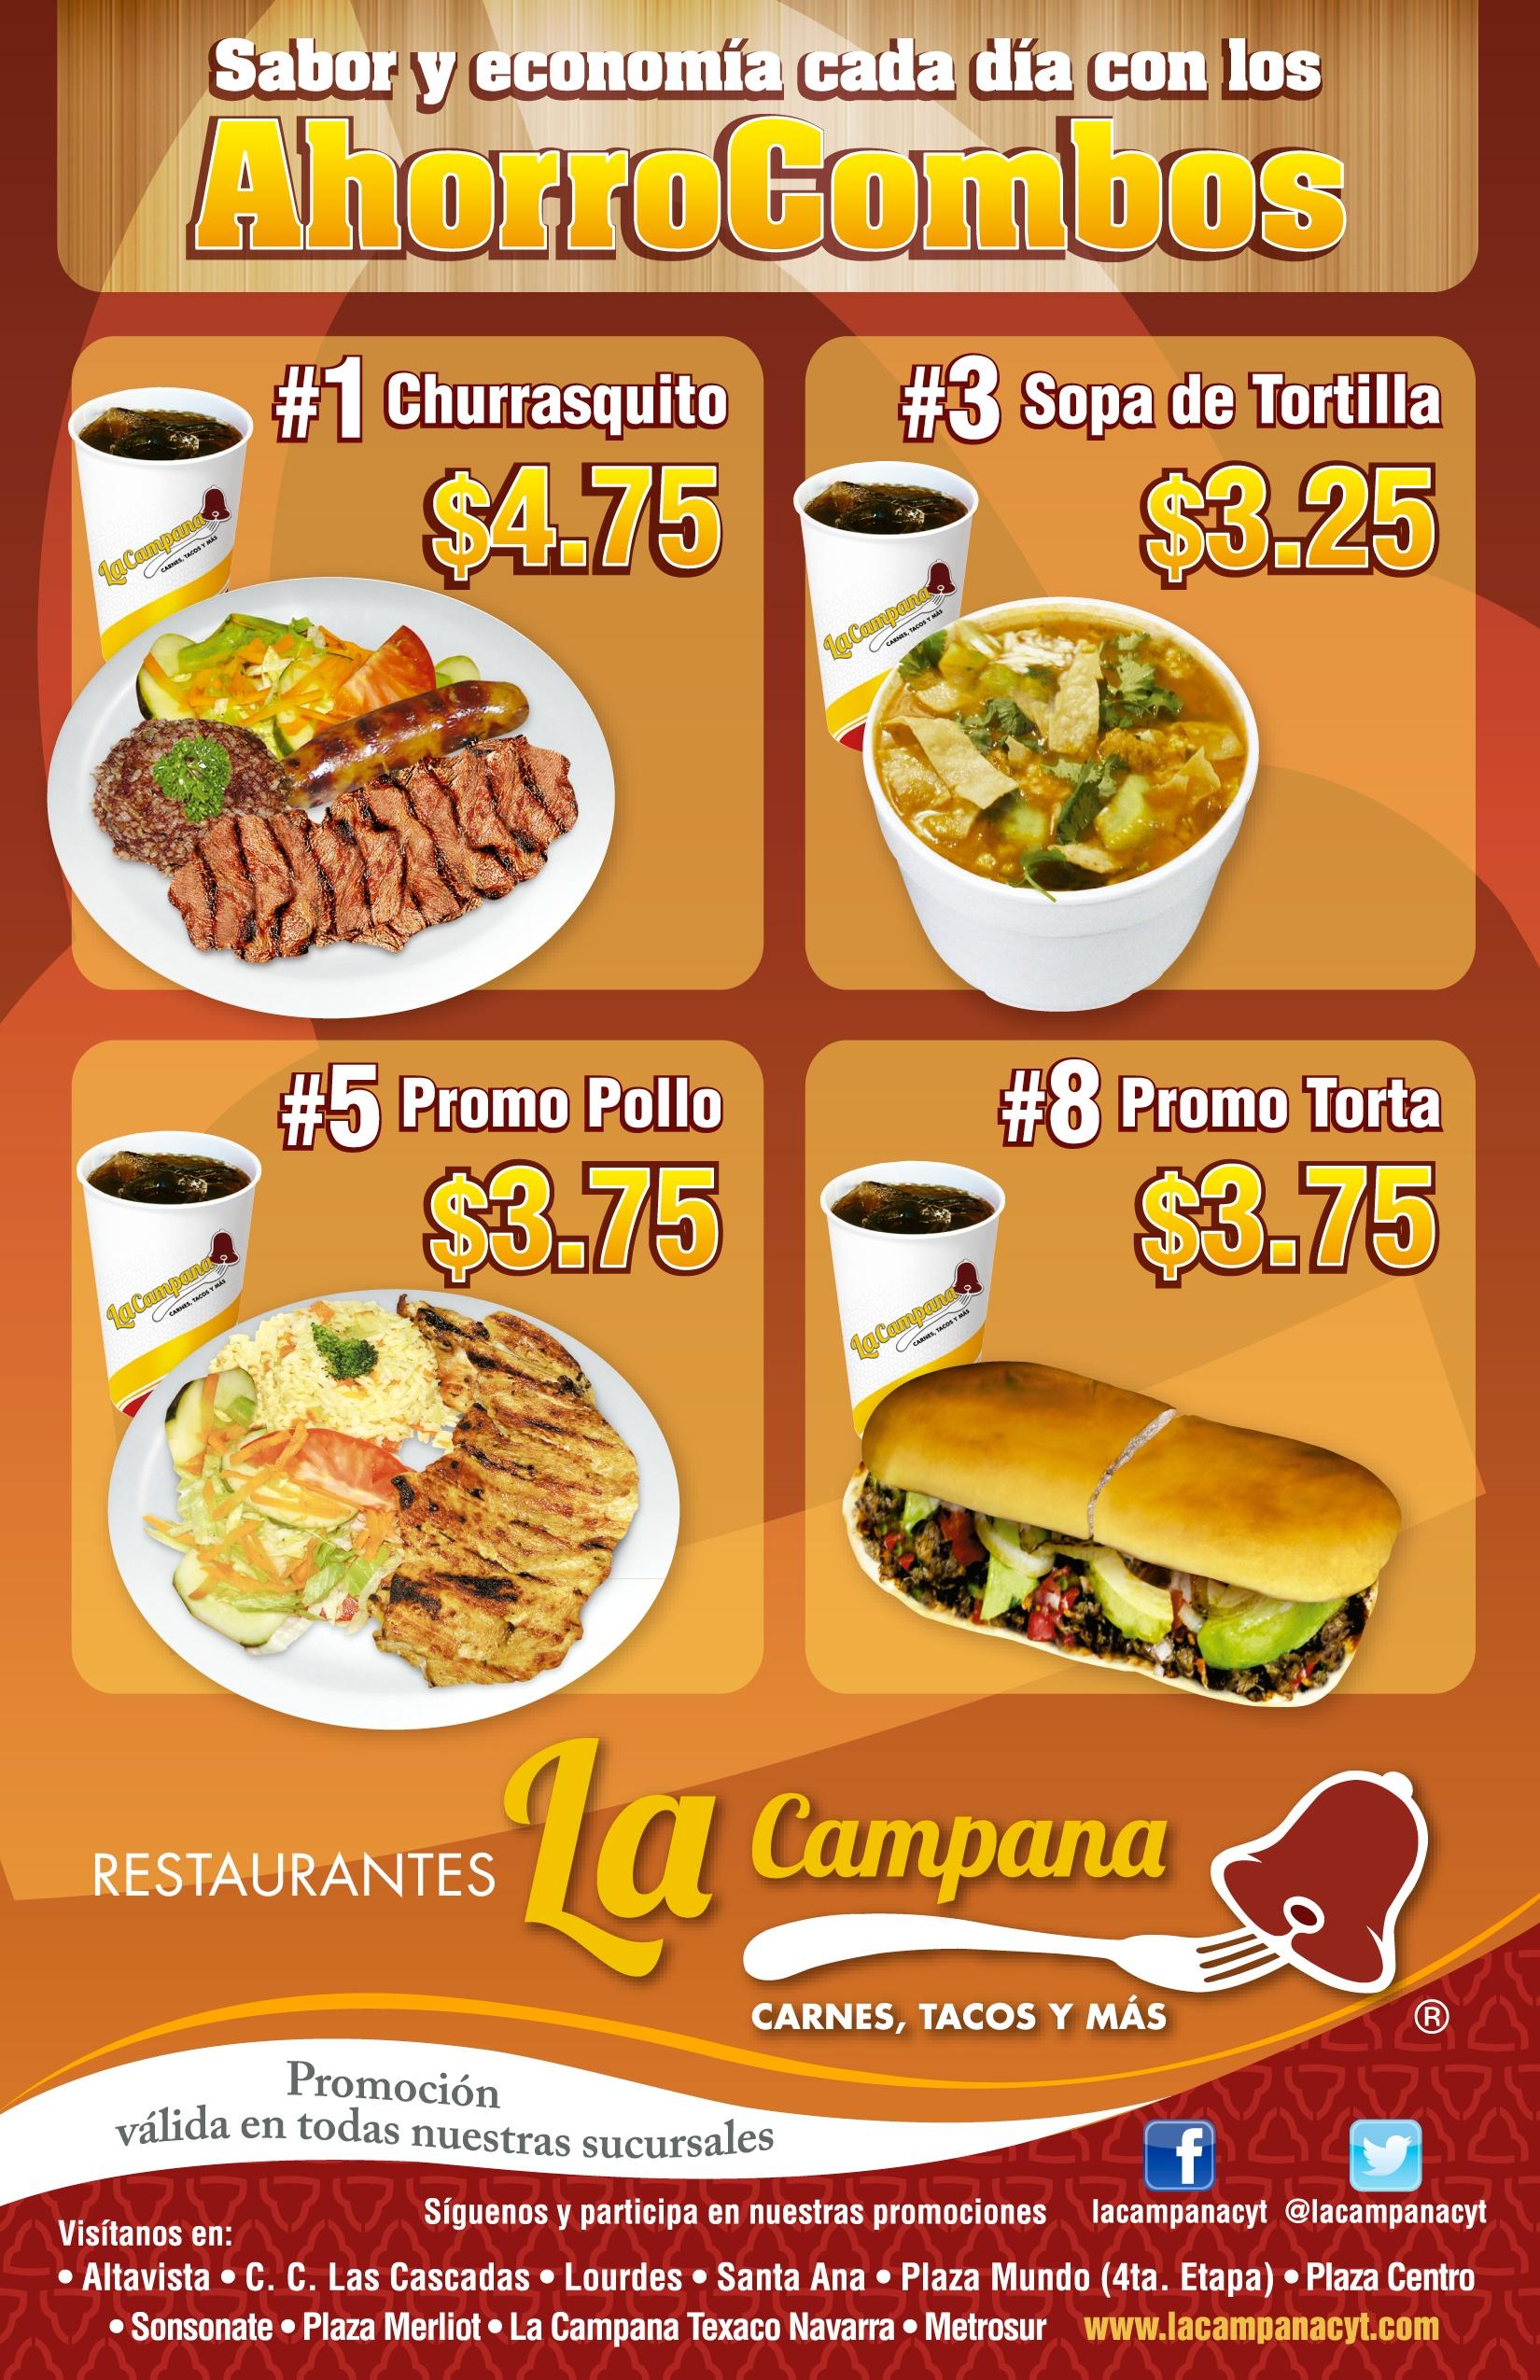 Restaurantes la campana el salvador ahorro combos for Restaurante la campana barcelona